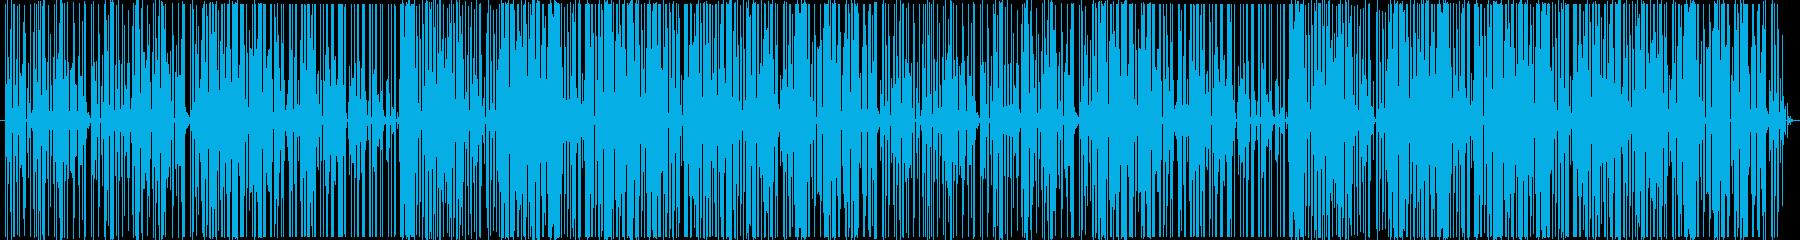 陽気でダンサブルなファンクビートのハウスの再生済みの波形